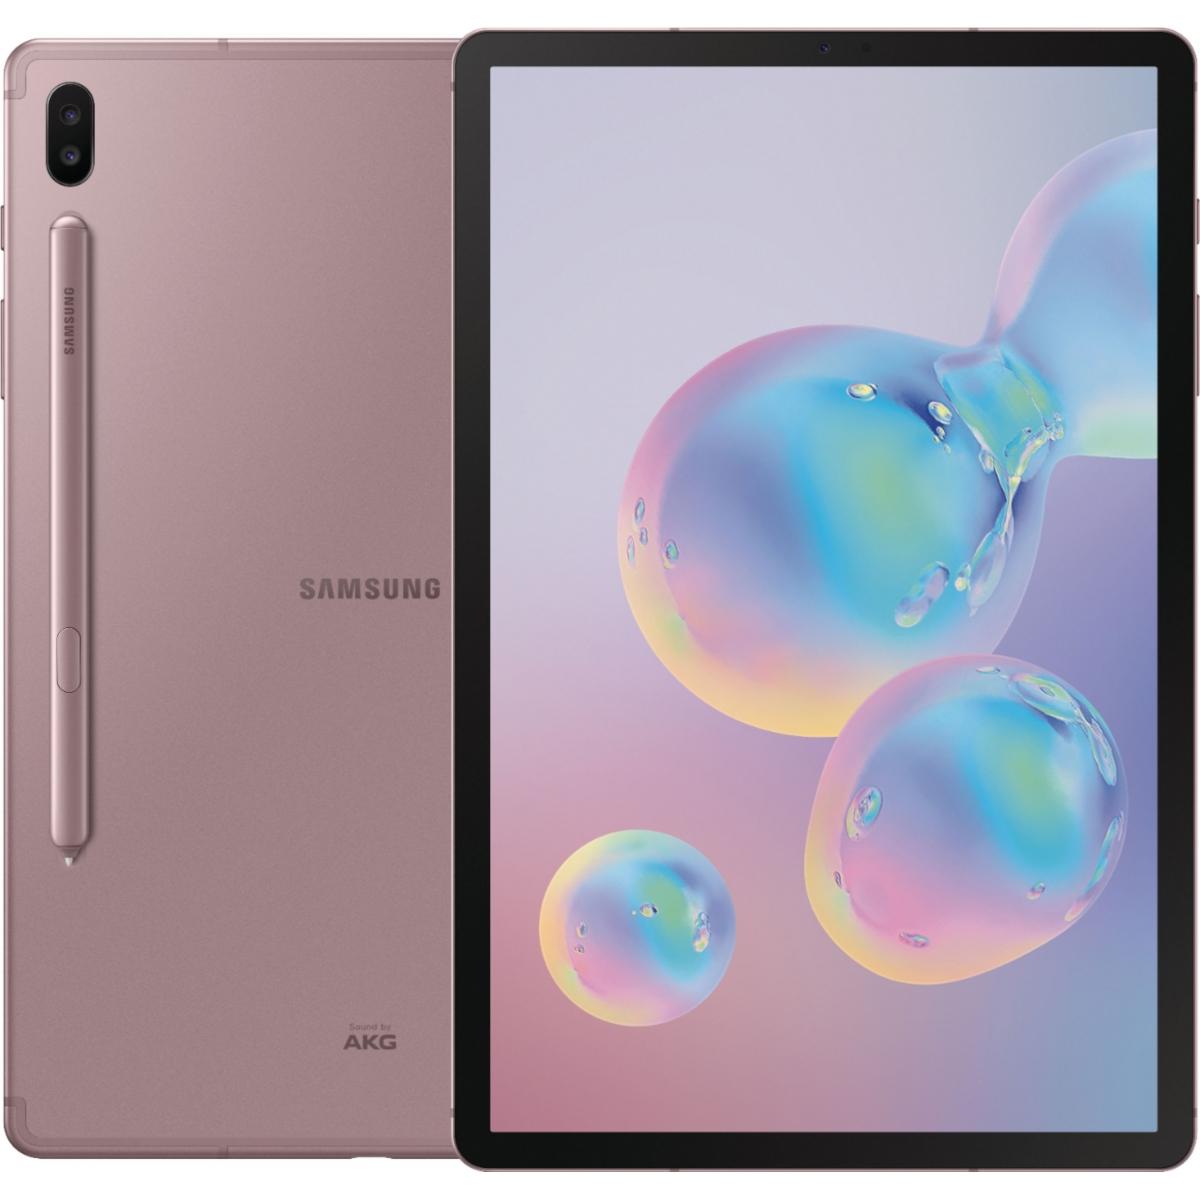 Tablet samsung galaxy tab s6 5g